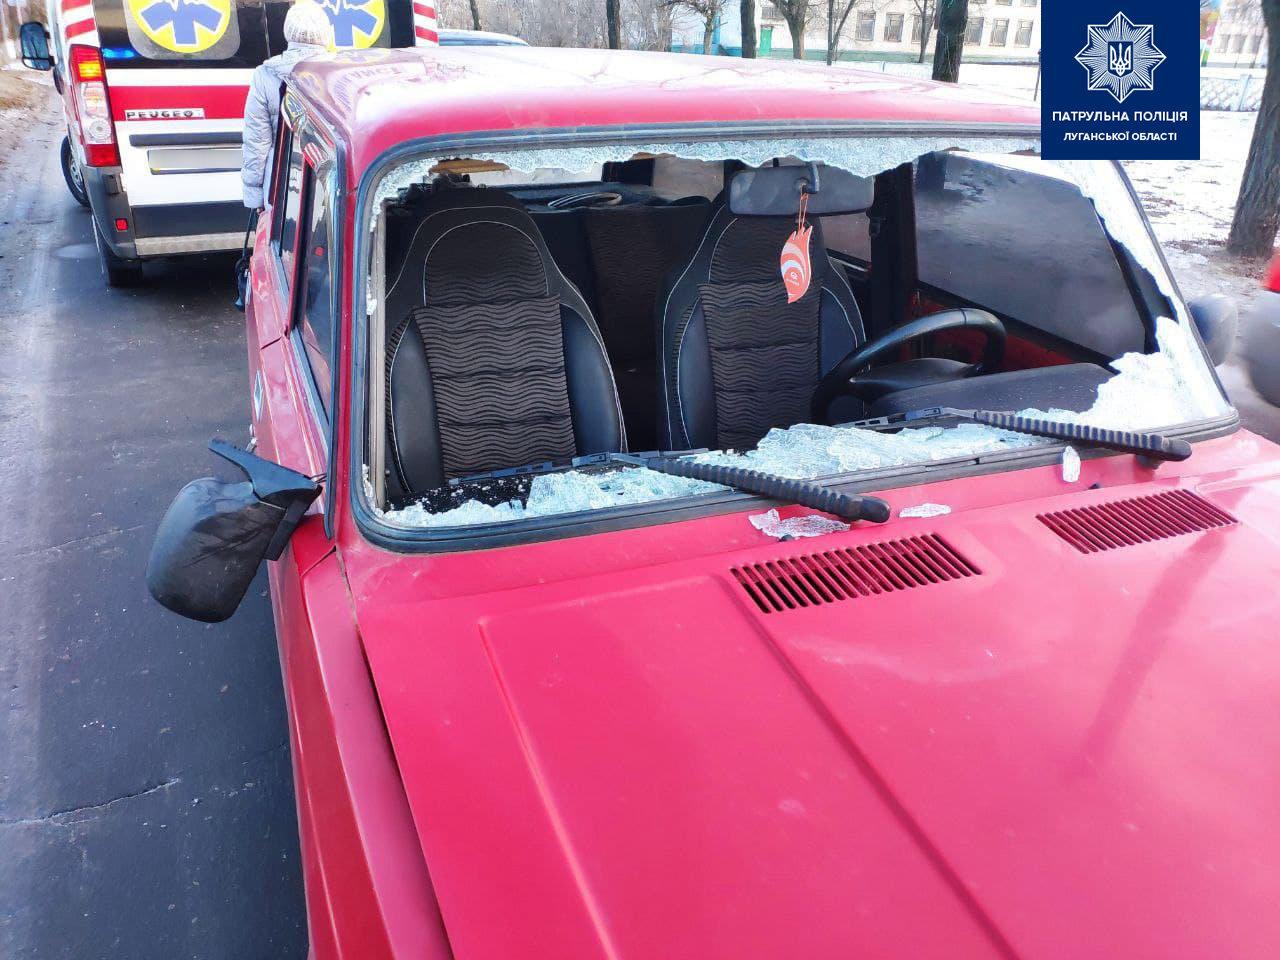 В Северодонецке в результате ДТП пострадал школьник, фото-1